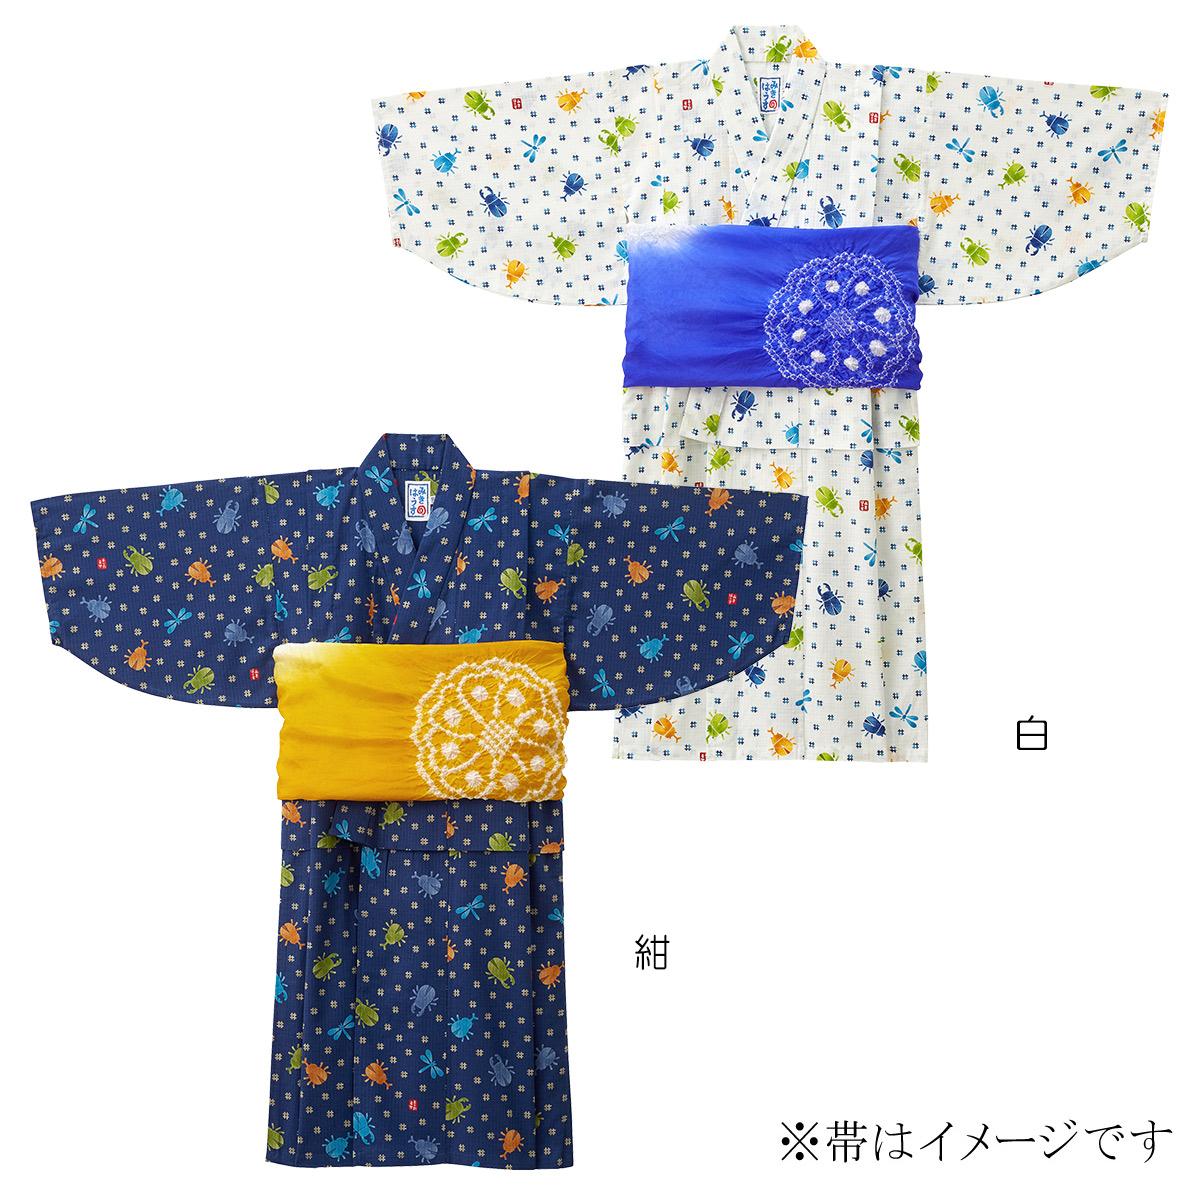 ミキハウス mikihouse クワガタ&とんぼ柄浴衣(男児用)〈130cm(120cm-130cm)〉 バーゲン